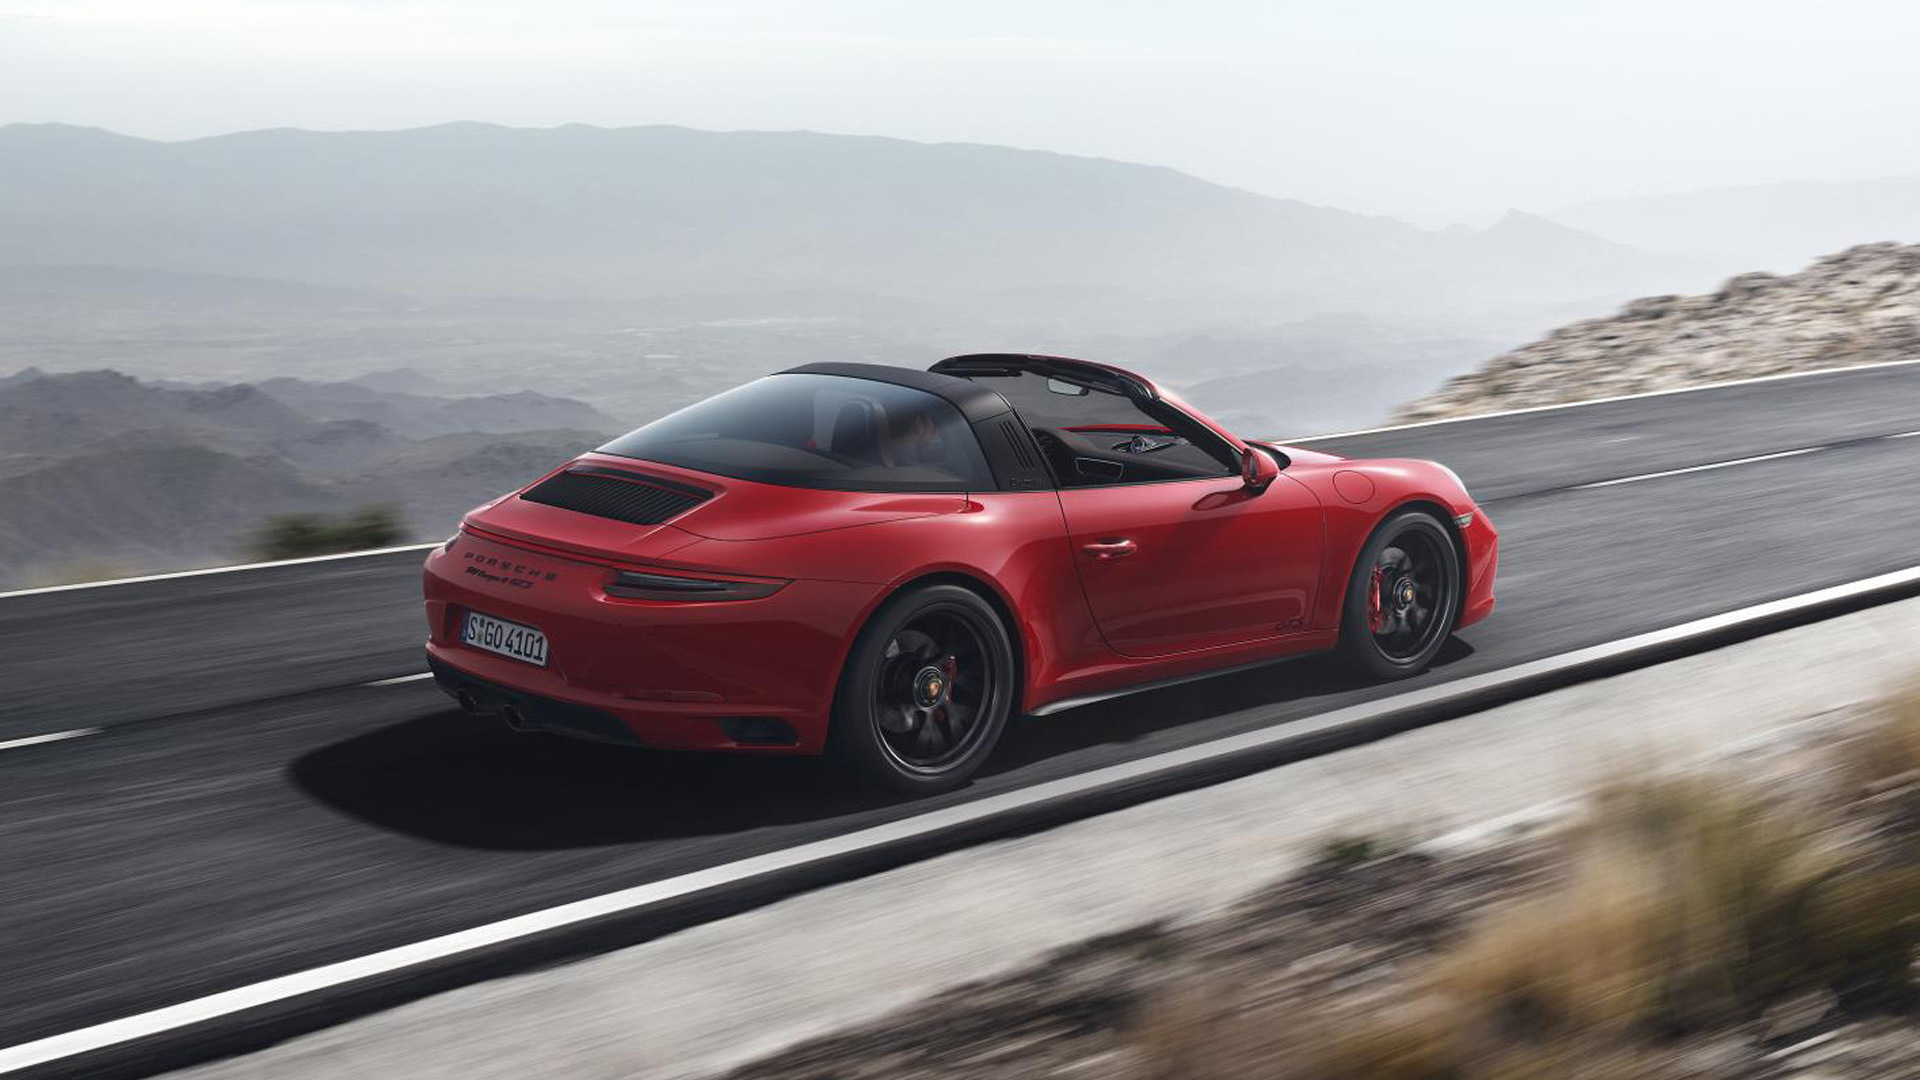 2017 Porsche 911 Carrera 4 GTS Targa